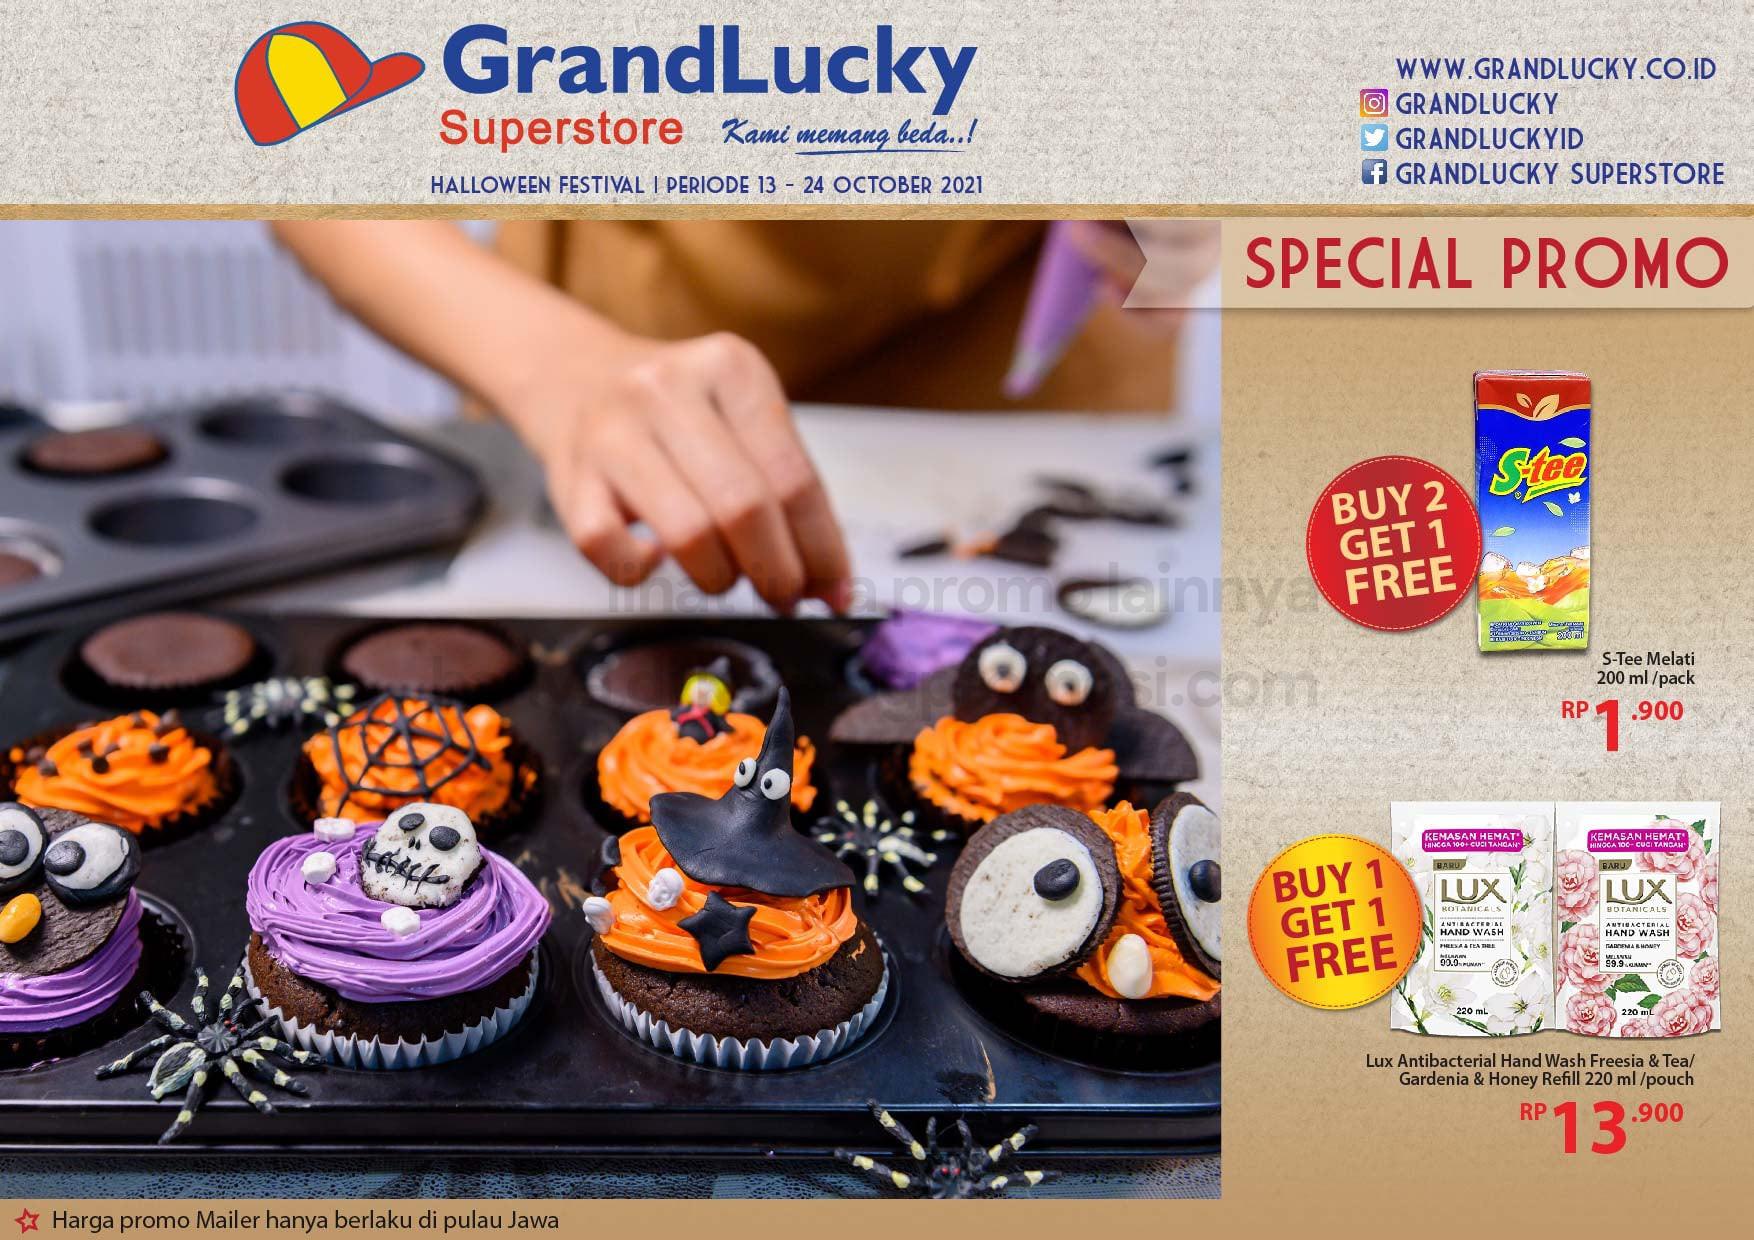 Promo GRAND LUCKY Superstore Katalog Mingguan Periode 13-24 Oktober 2021